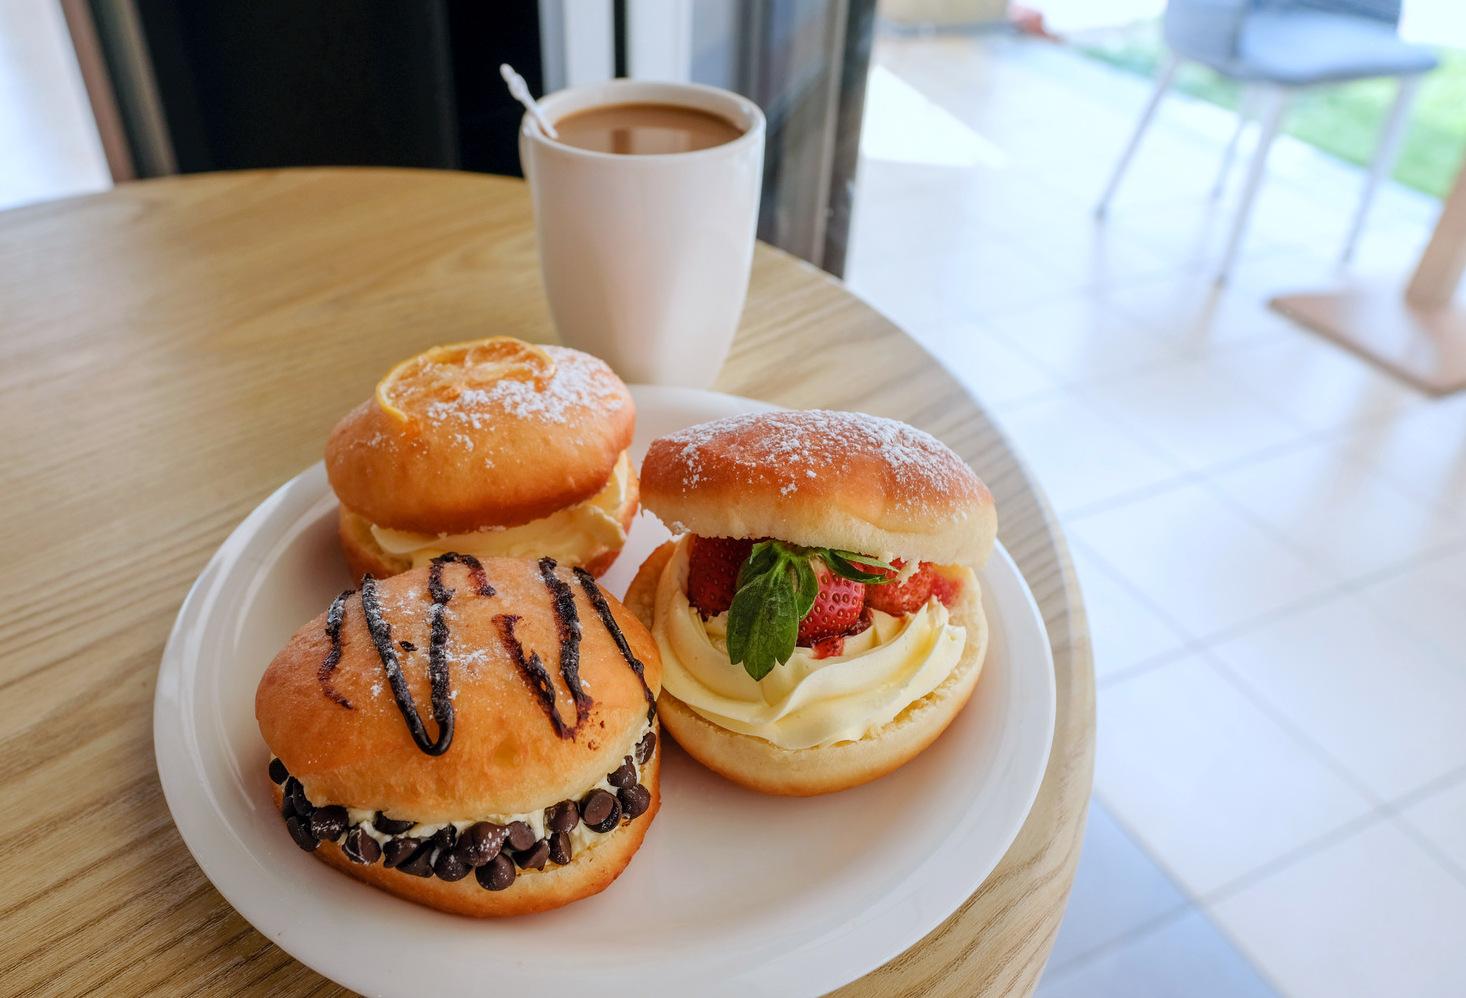 frische krapfen & donuts, shah alam